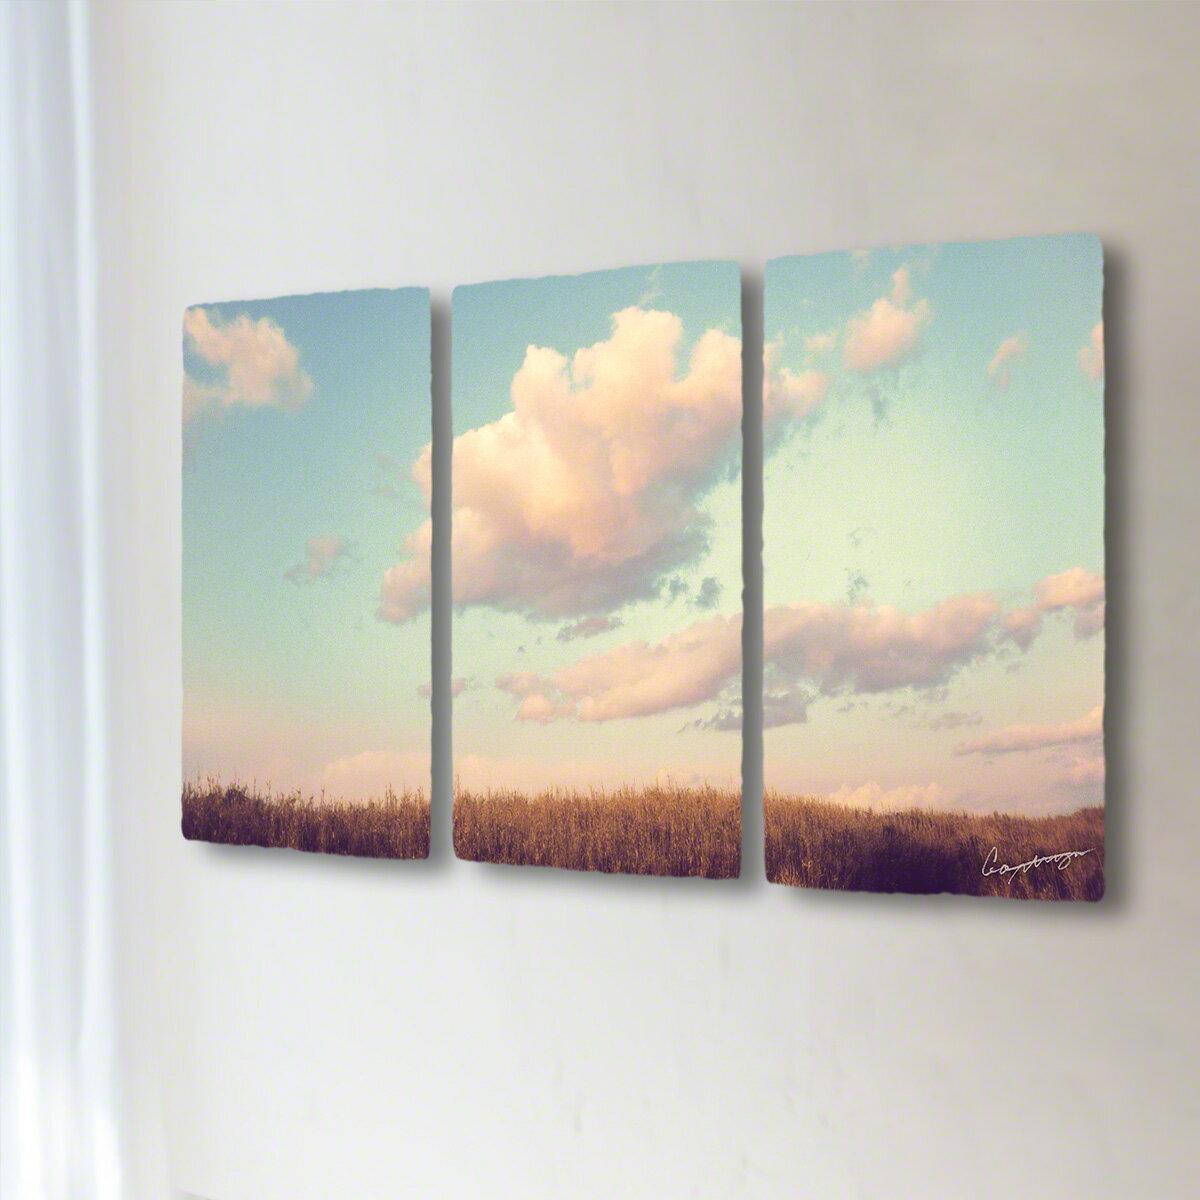 和紙 手作り アートパネル 3枚続き 「葺原に浮かぶ夕暮れ雲」(50x28cm)  絵画 絵 ポスター 壁掛け モダン アート 和風 オリジナル インテリア 風景画 ランキング おすすめ おしゃれ 人気 キッチン リビング ダイニング 玄関 和室